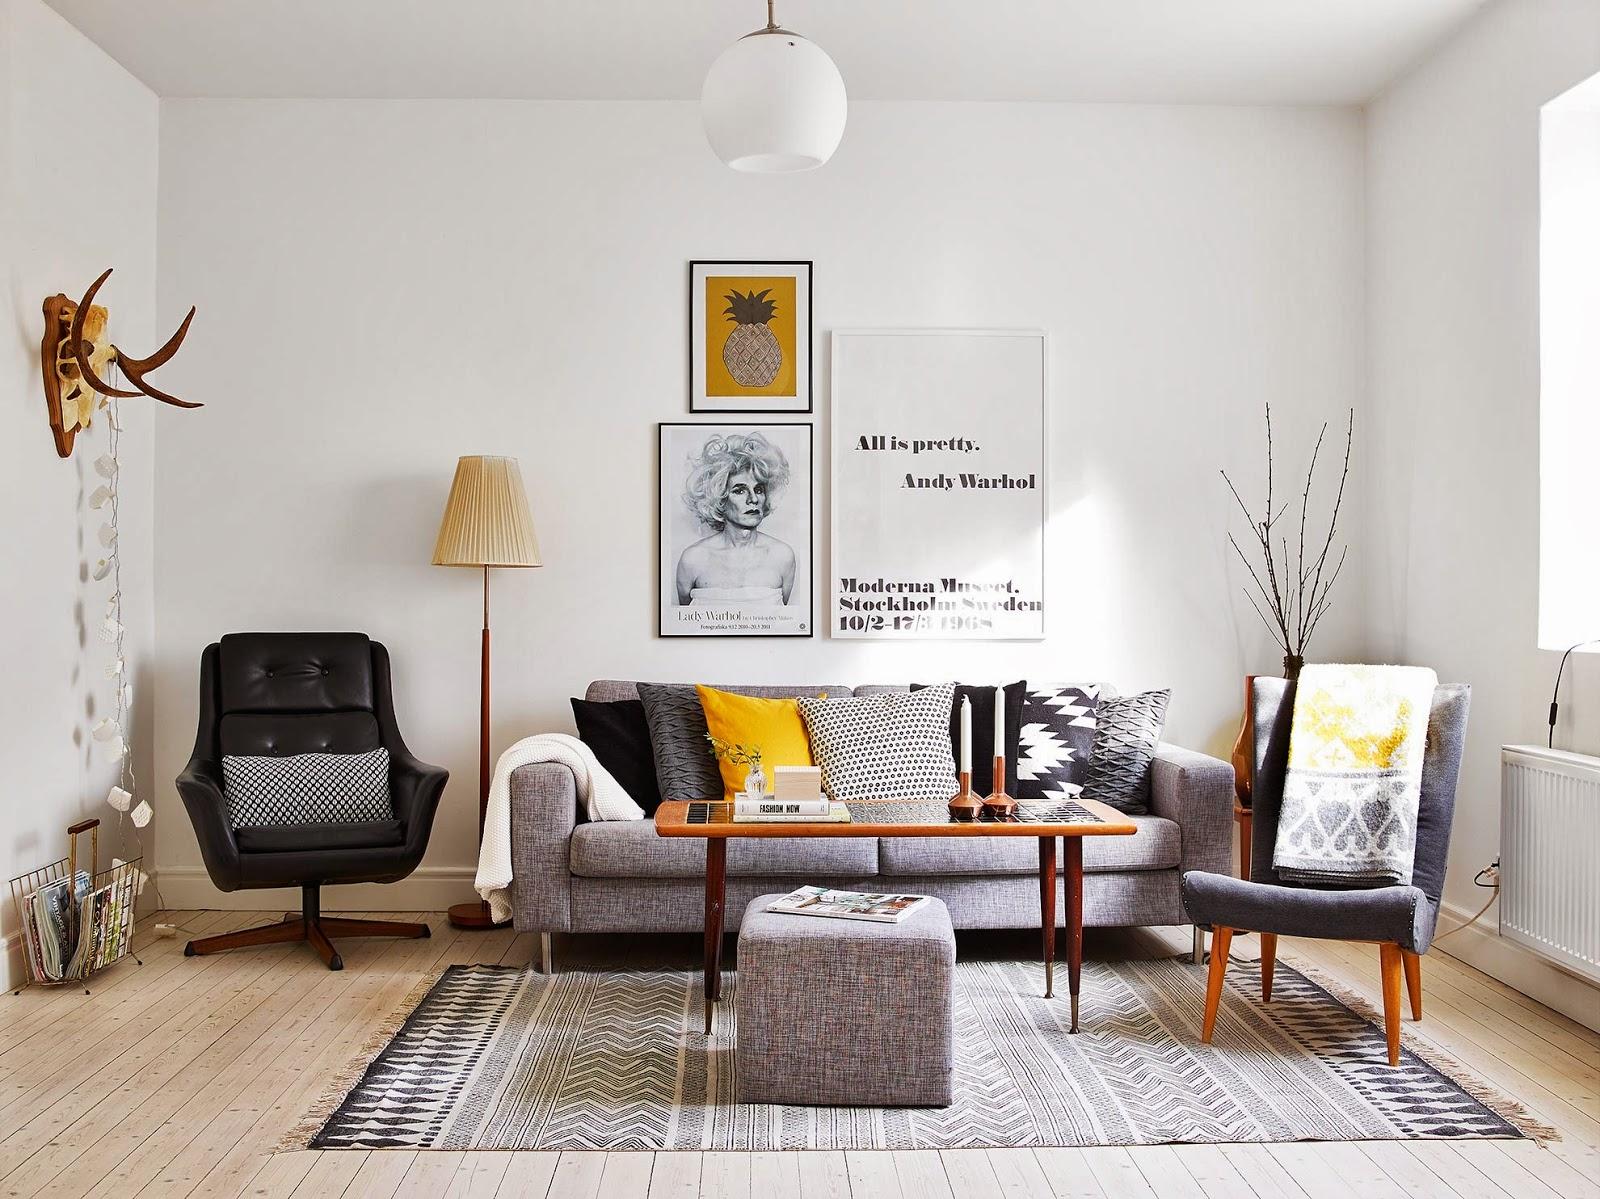 Kreativa kvadrat ab: en stilfull inredd lägenhet med vackert brädgolv